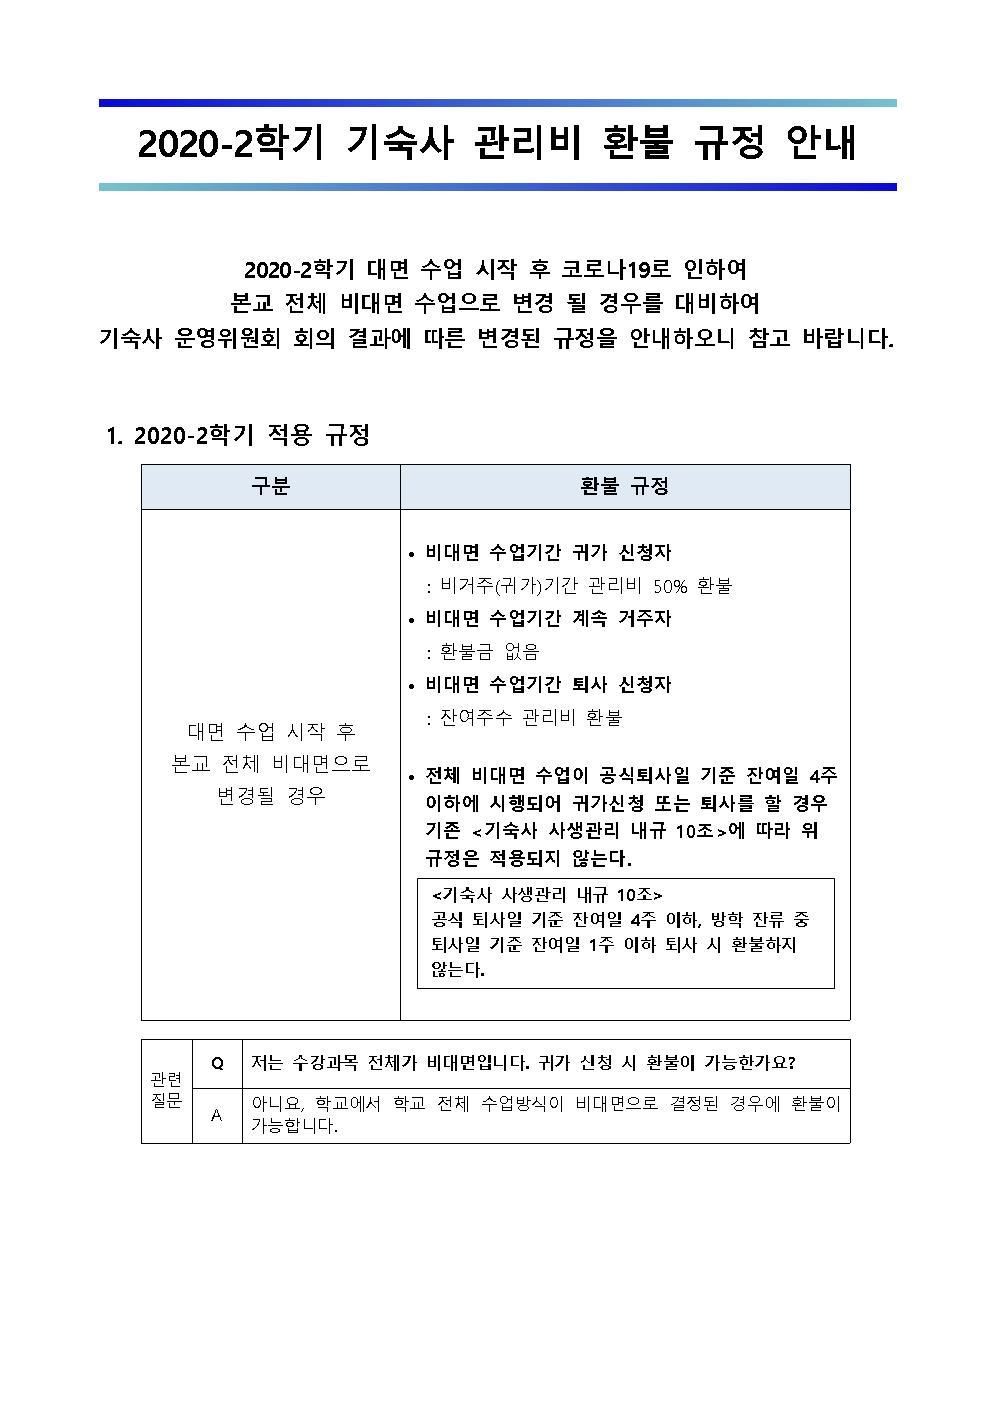 기숙사 관리비 환불 변경 안내(20200917)001.jpg